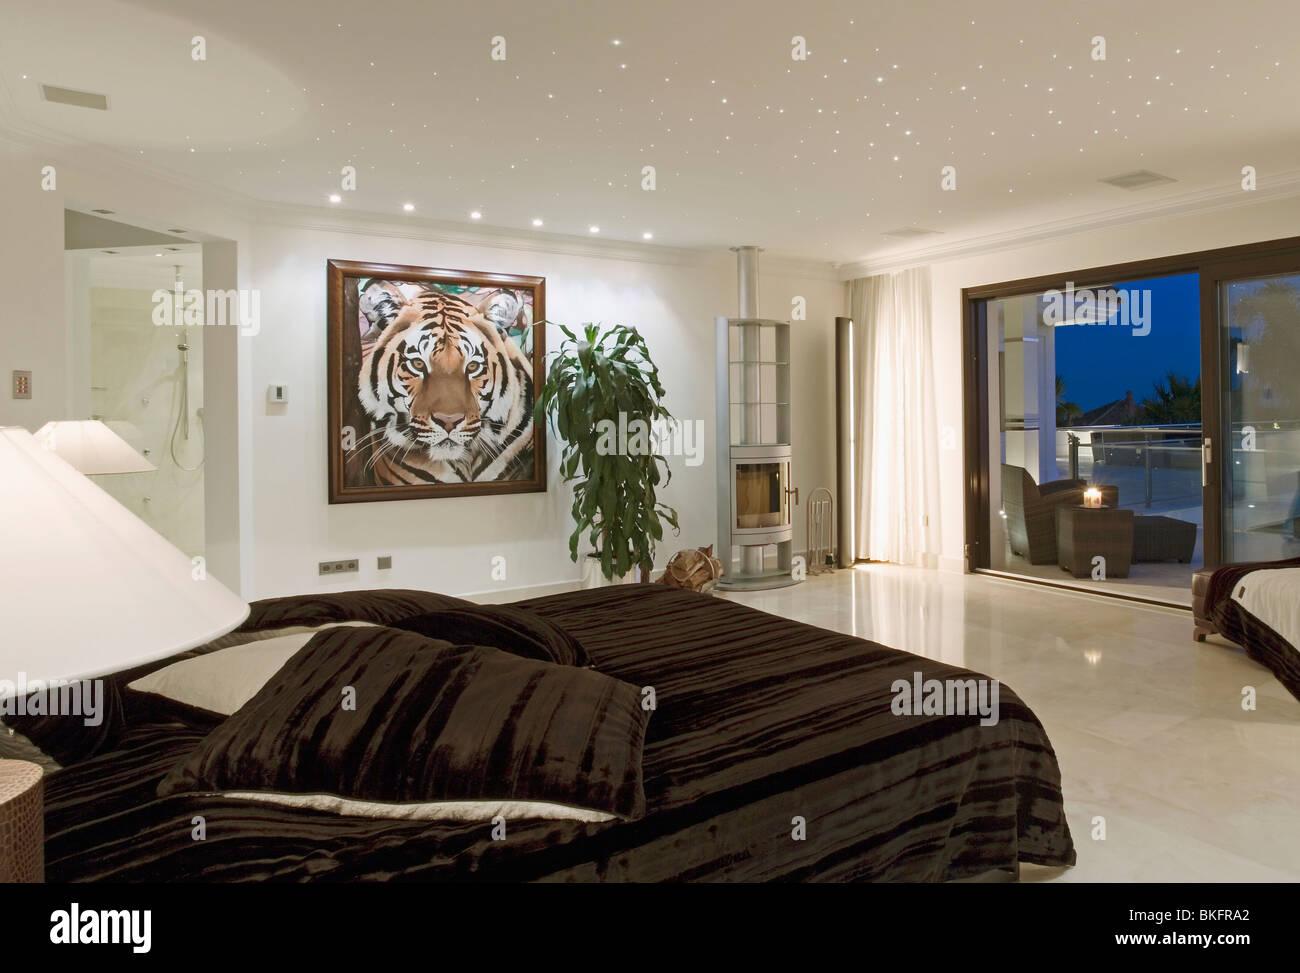 Down Beleuchtung über Malerei Des Tigers An Wand Des Modernen Spanischen  Ferienwohnung Schlafzimmer Mit Terrassentüren